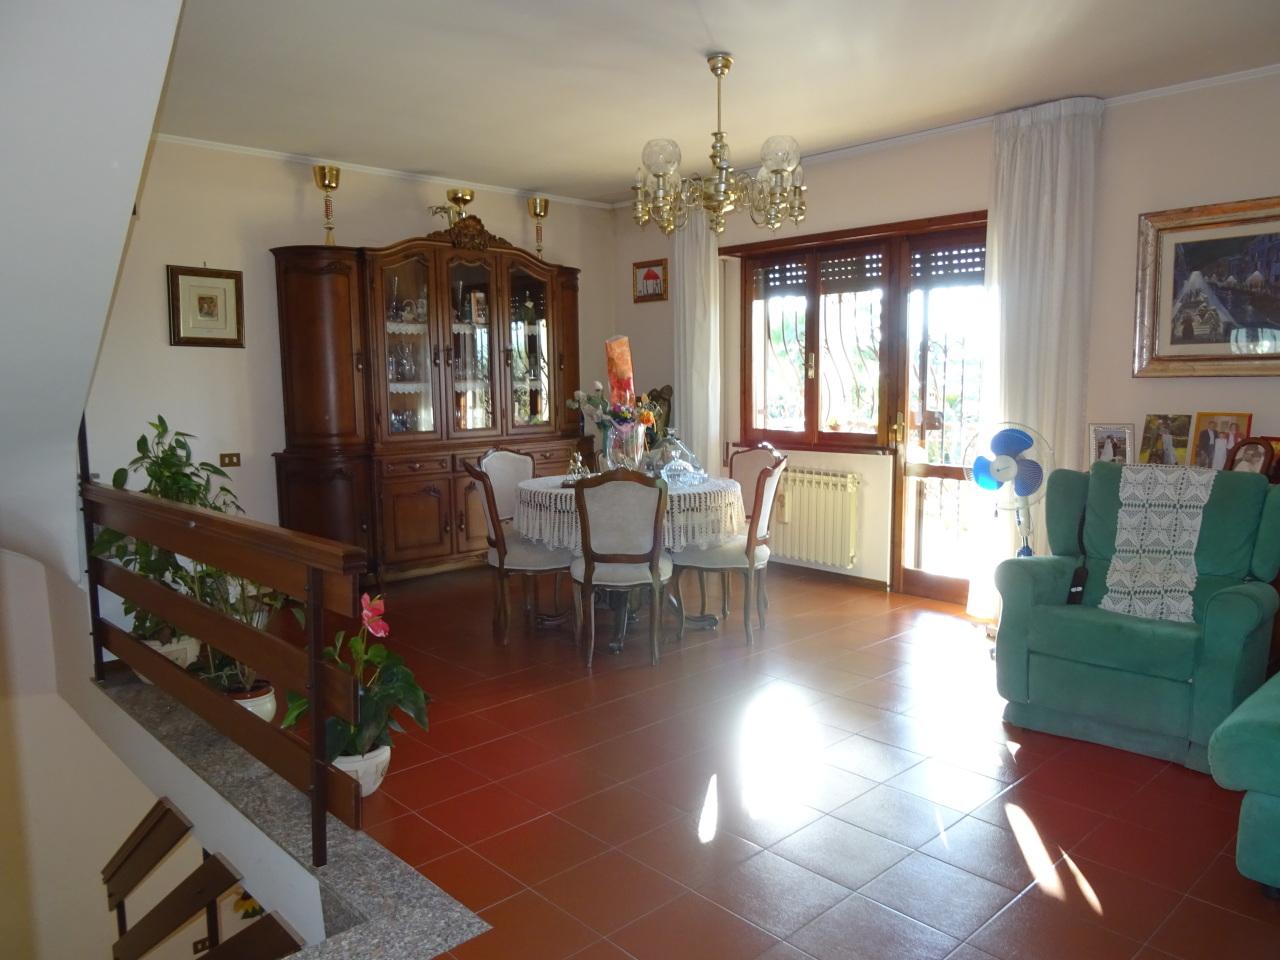 Soluzione Indipendente in vendita a Frascati, 11 locali, prezzo € 520.000 | Cambio Casa.it